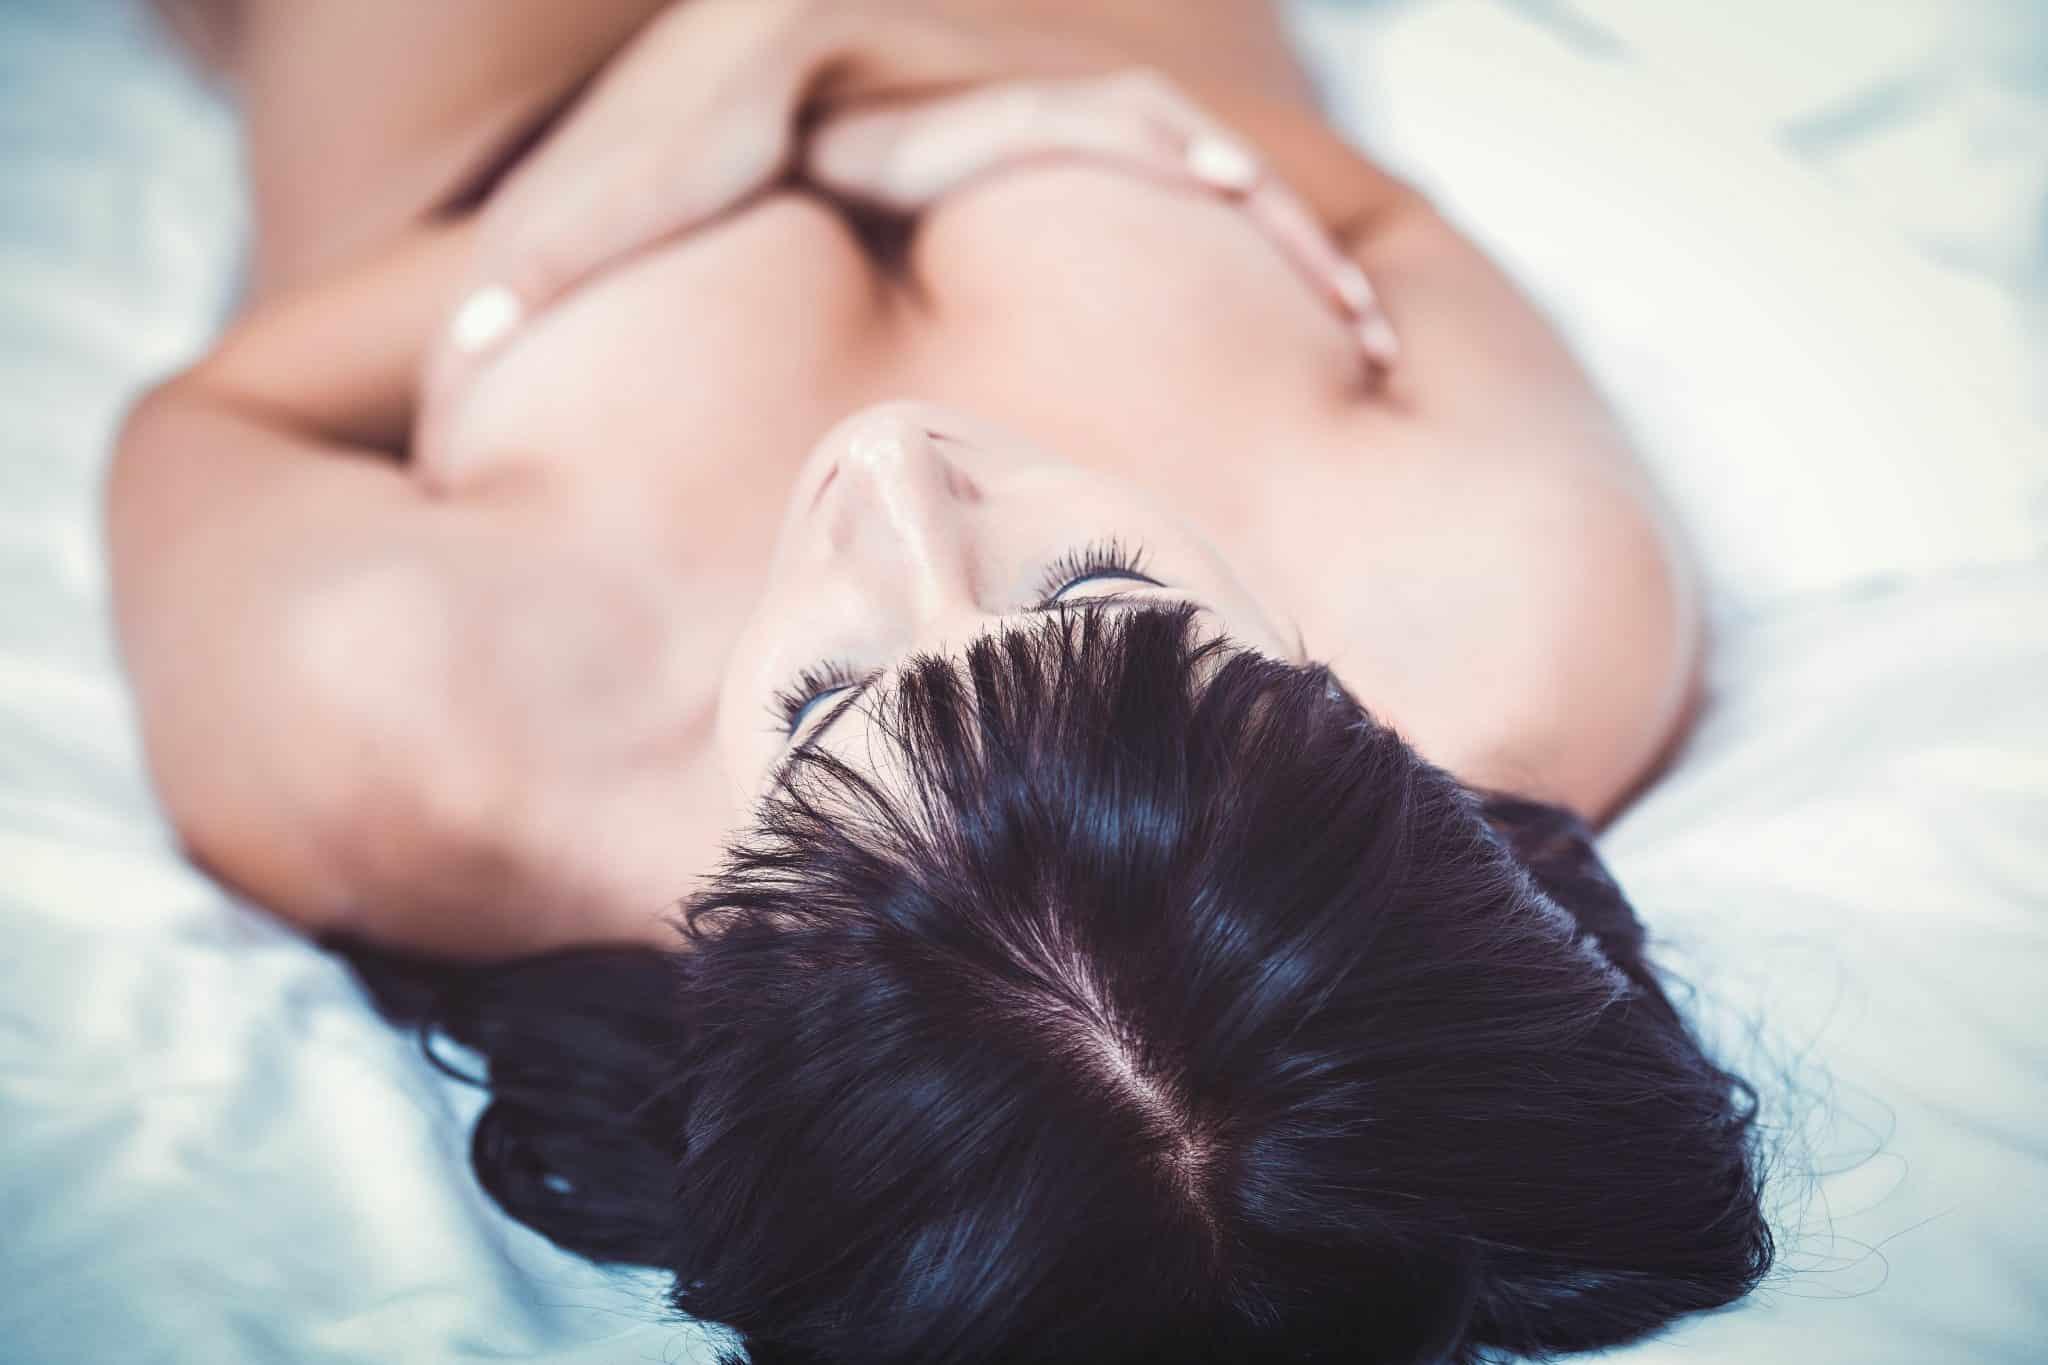 Ženská masturbace: Víte, proč byste jí měla dát šanci? 1